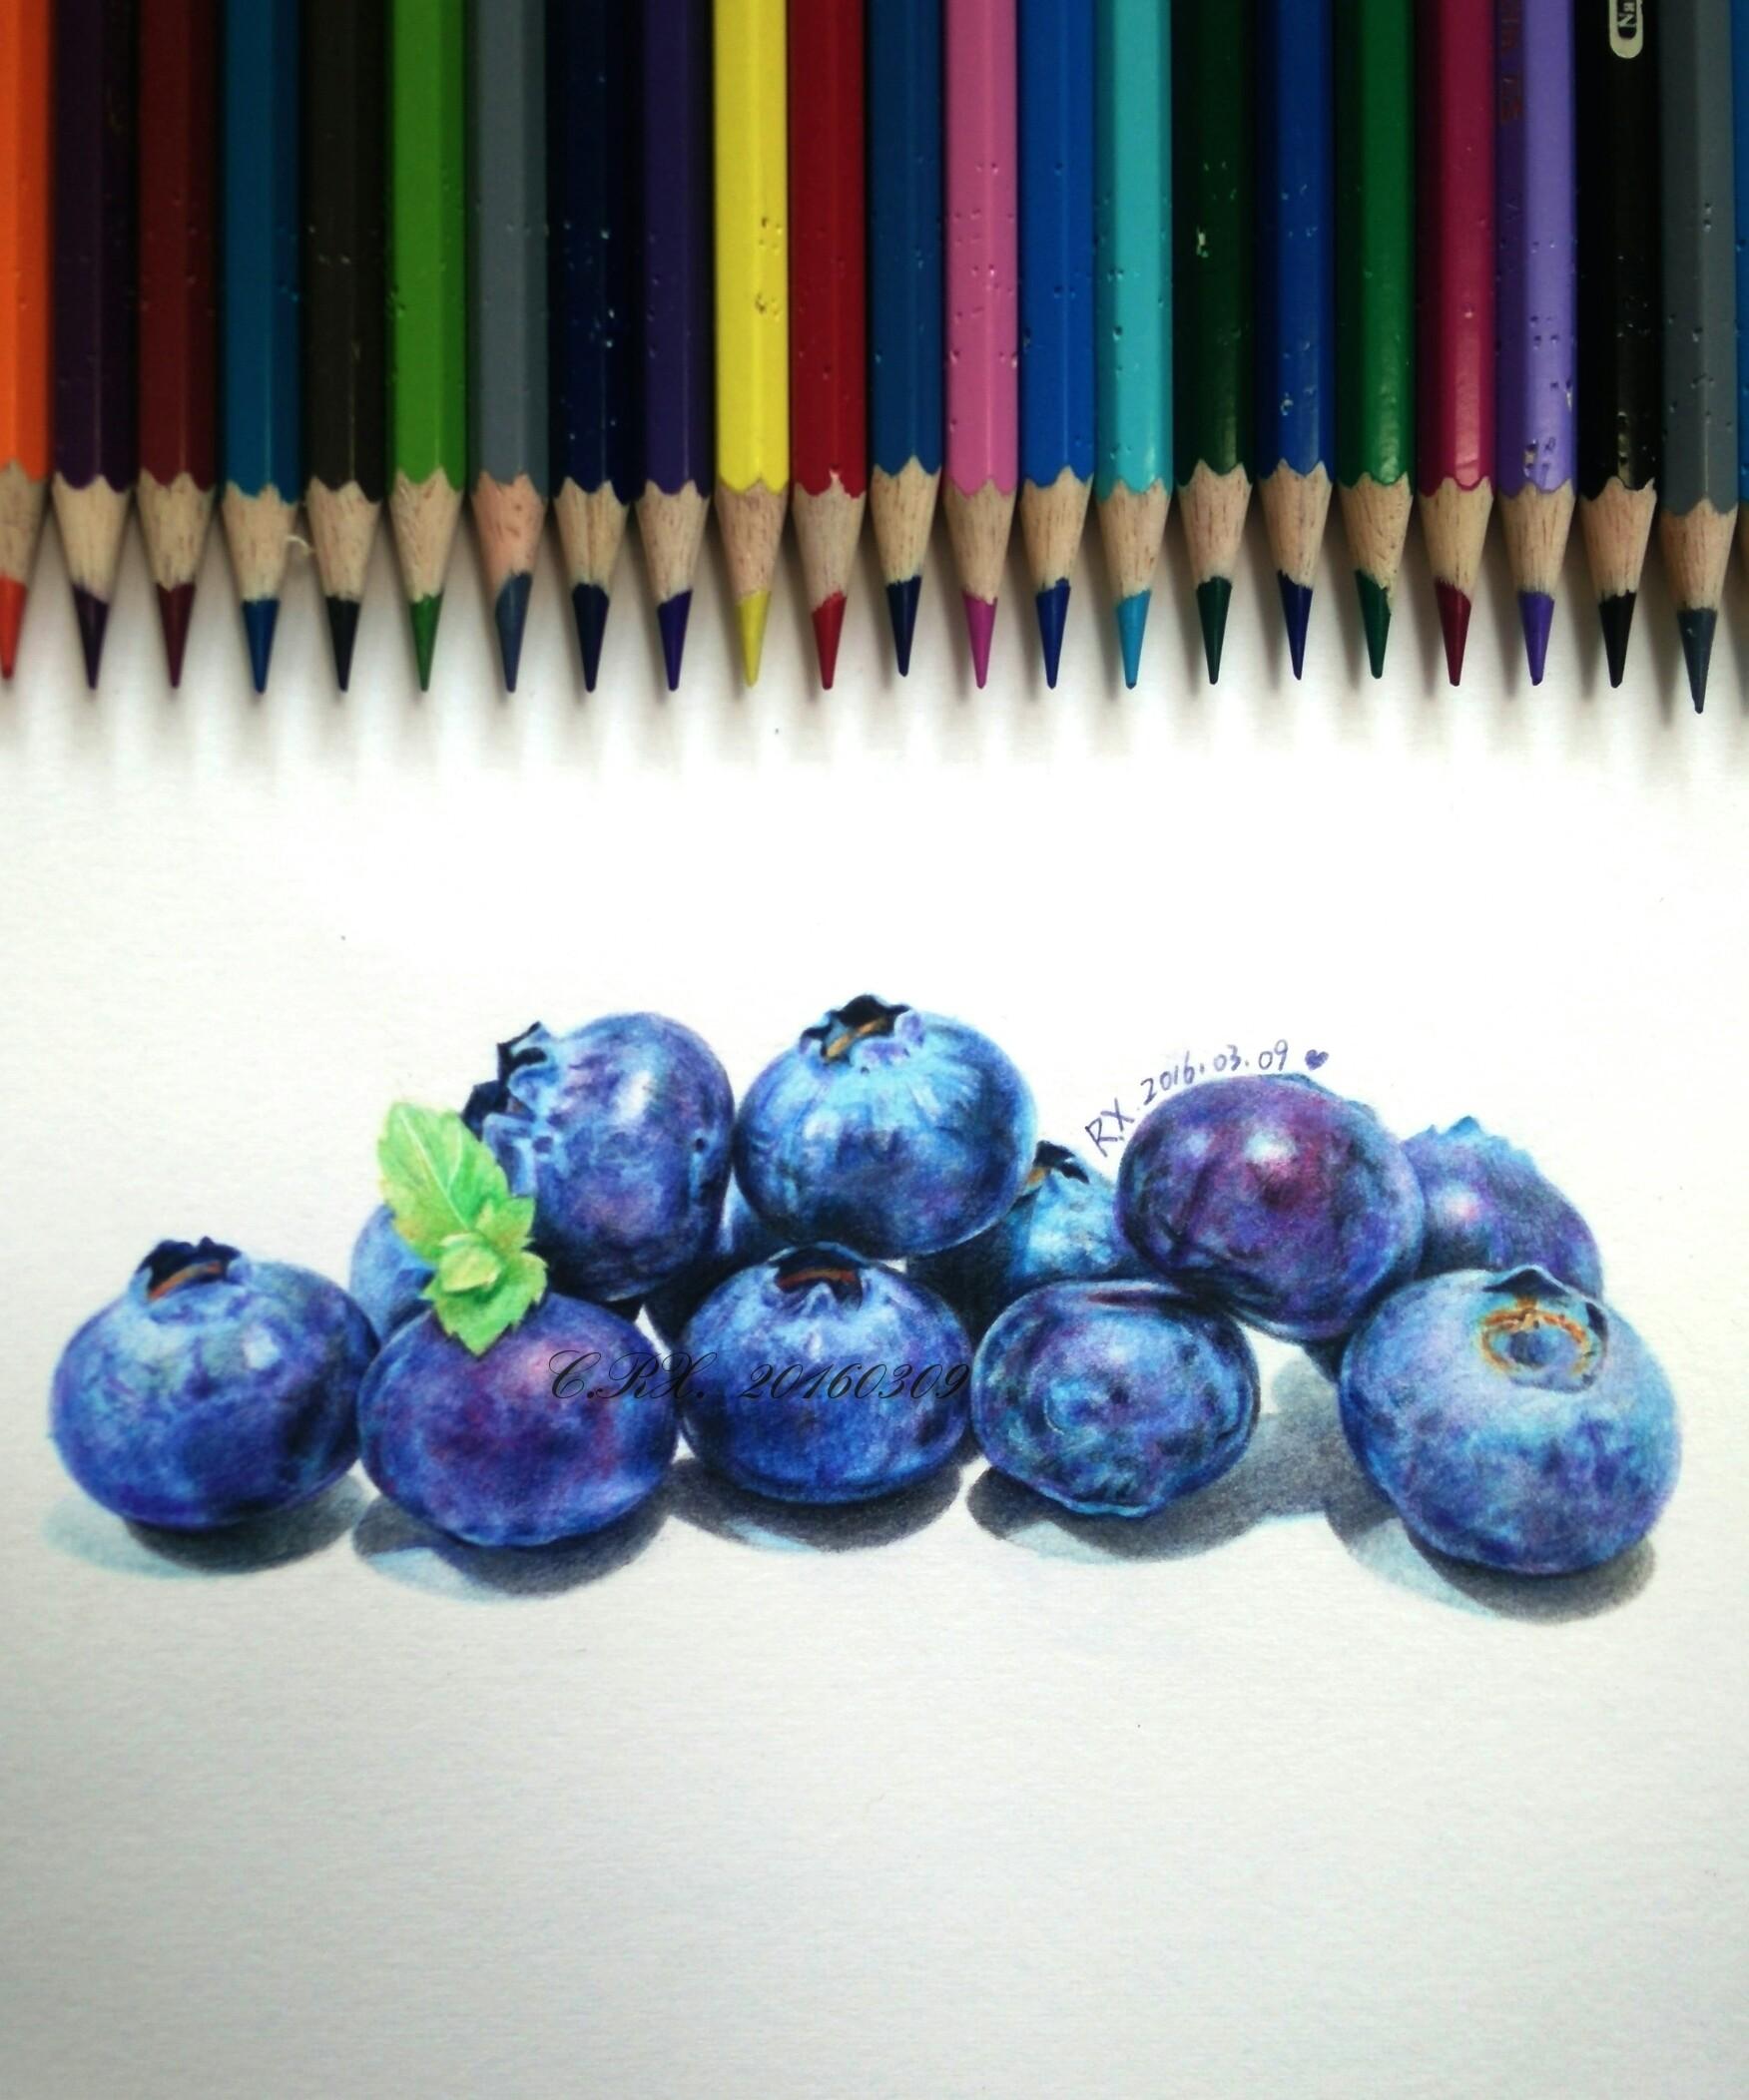 【彩铅水果】蓝莓娃